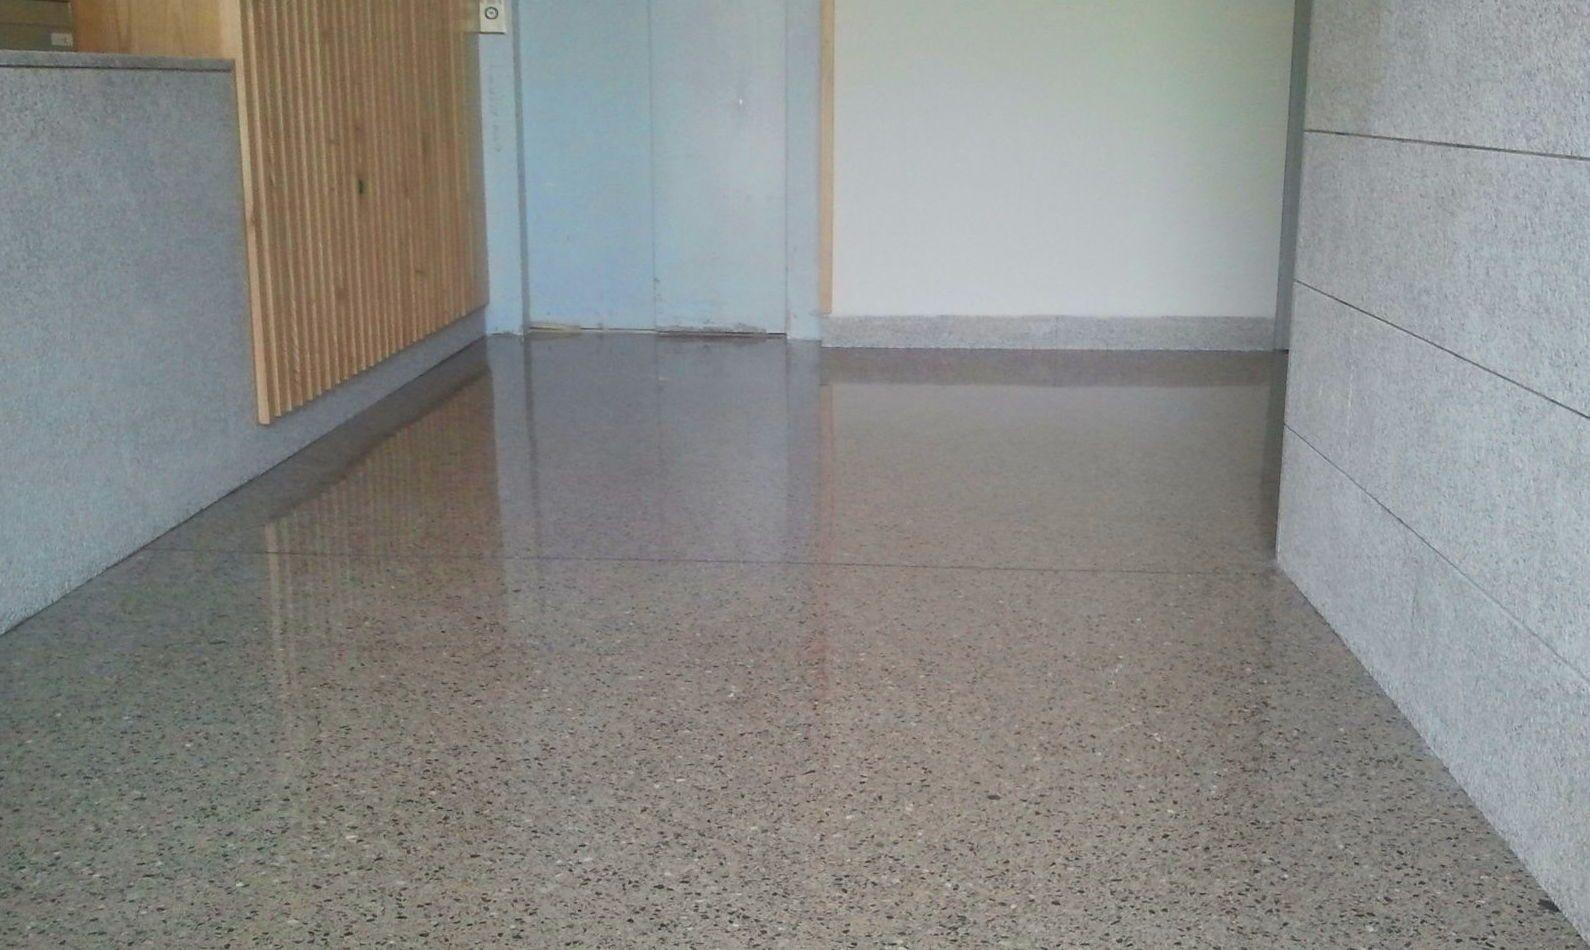 Pulido de suelos en asturias pulidos rub - Piso de hormigon pulido ...